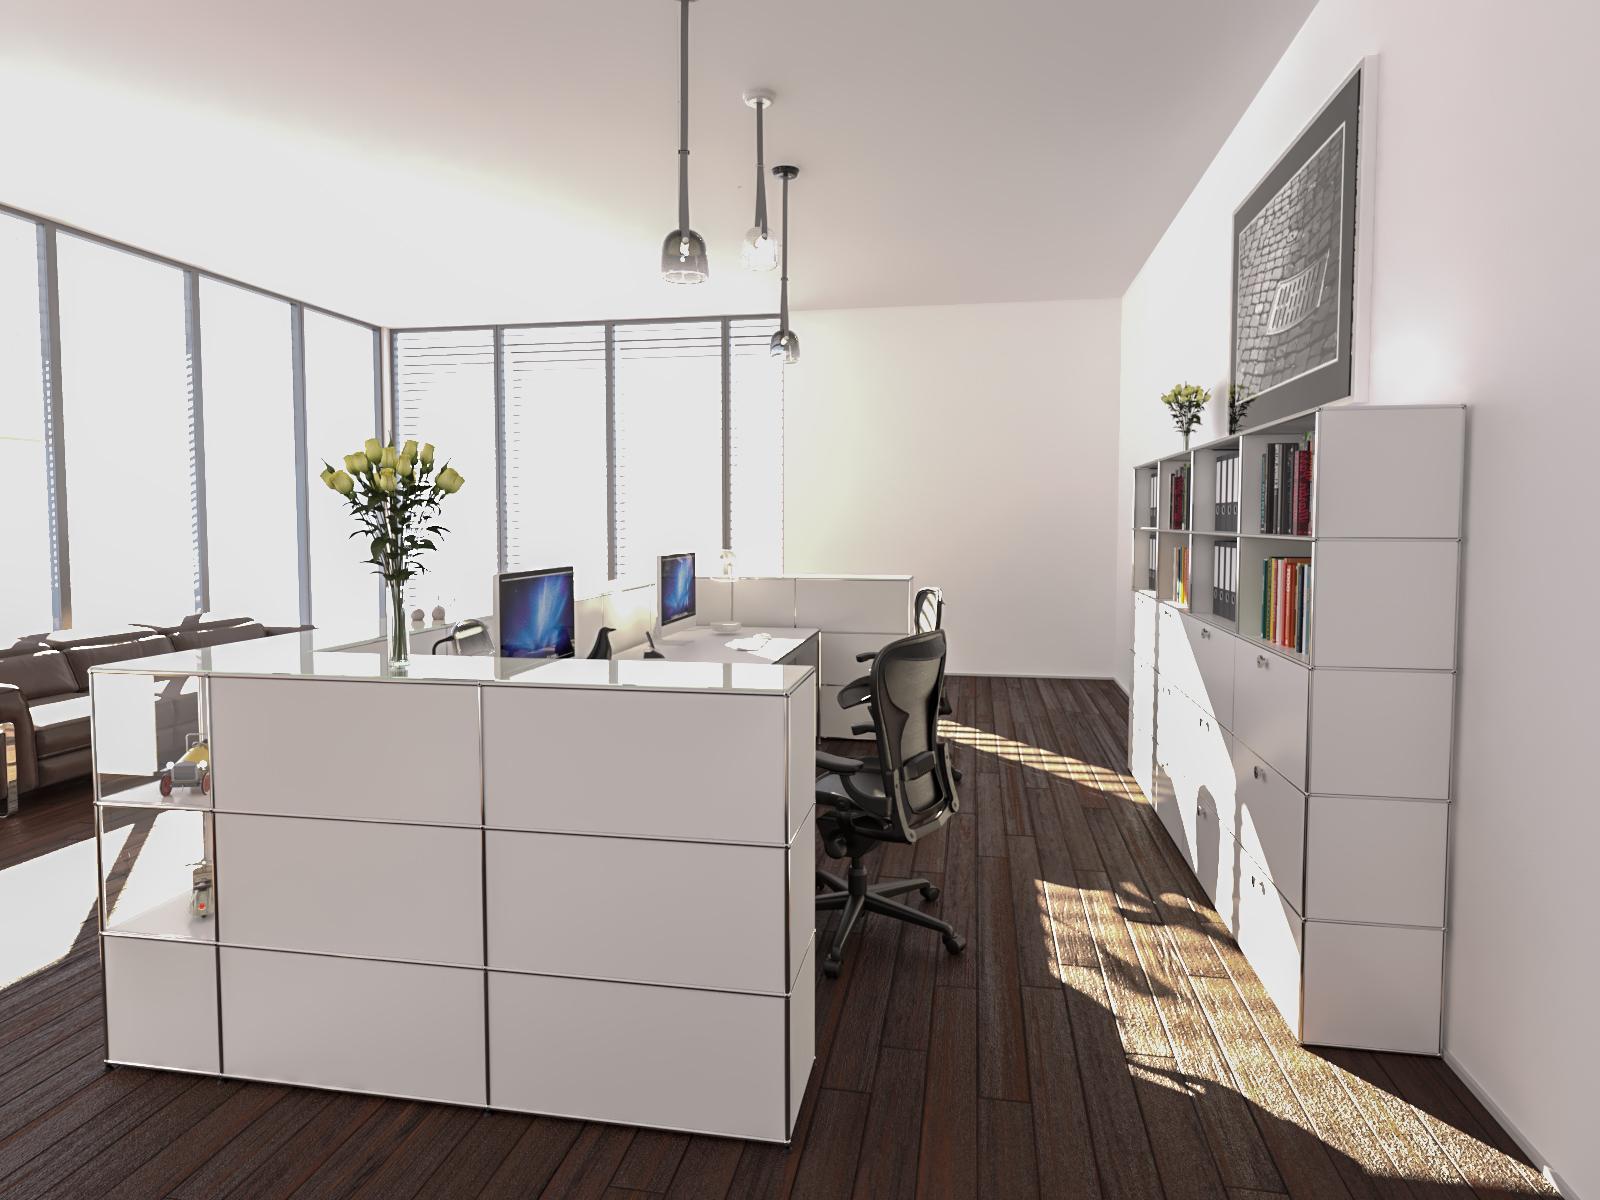 usm haller gebraucht m bel online kaufen usm markt. Black Bedroom Furniture Sets. Home Design Ideas